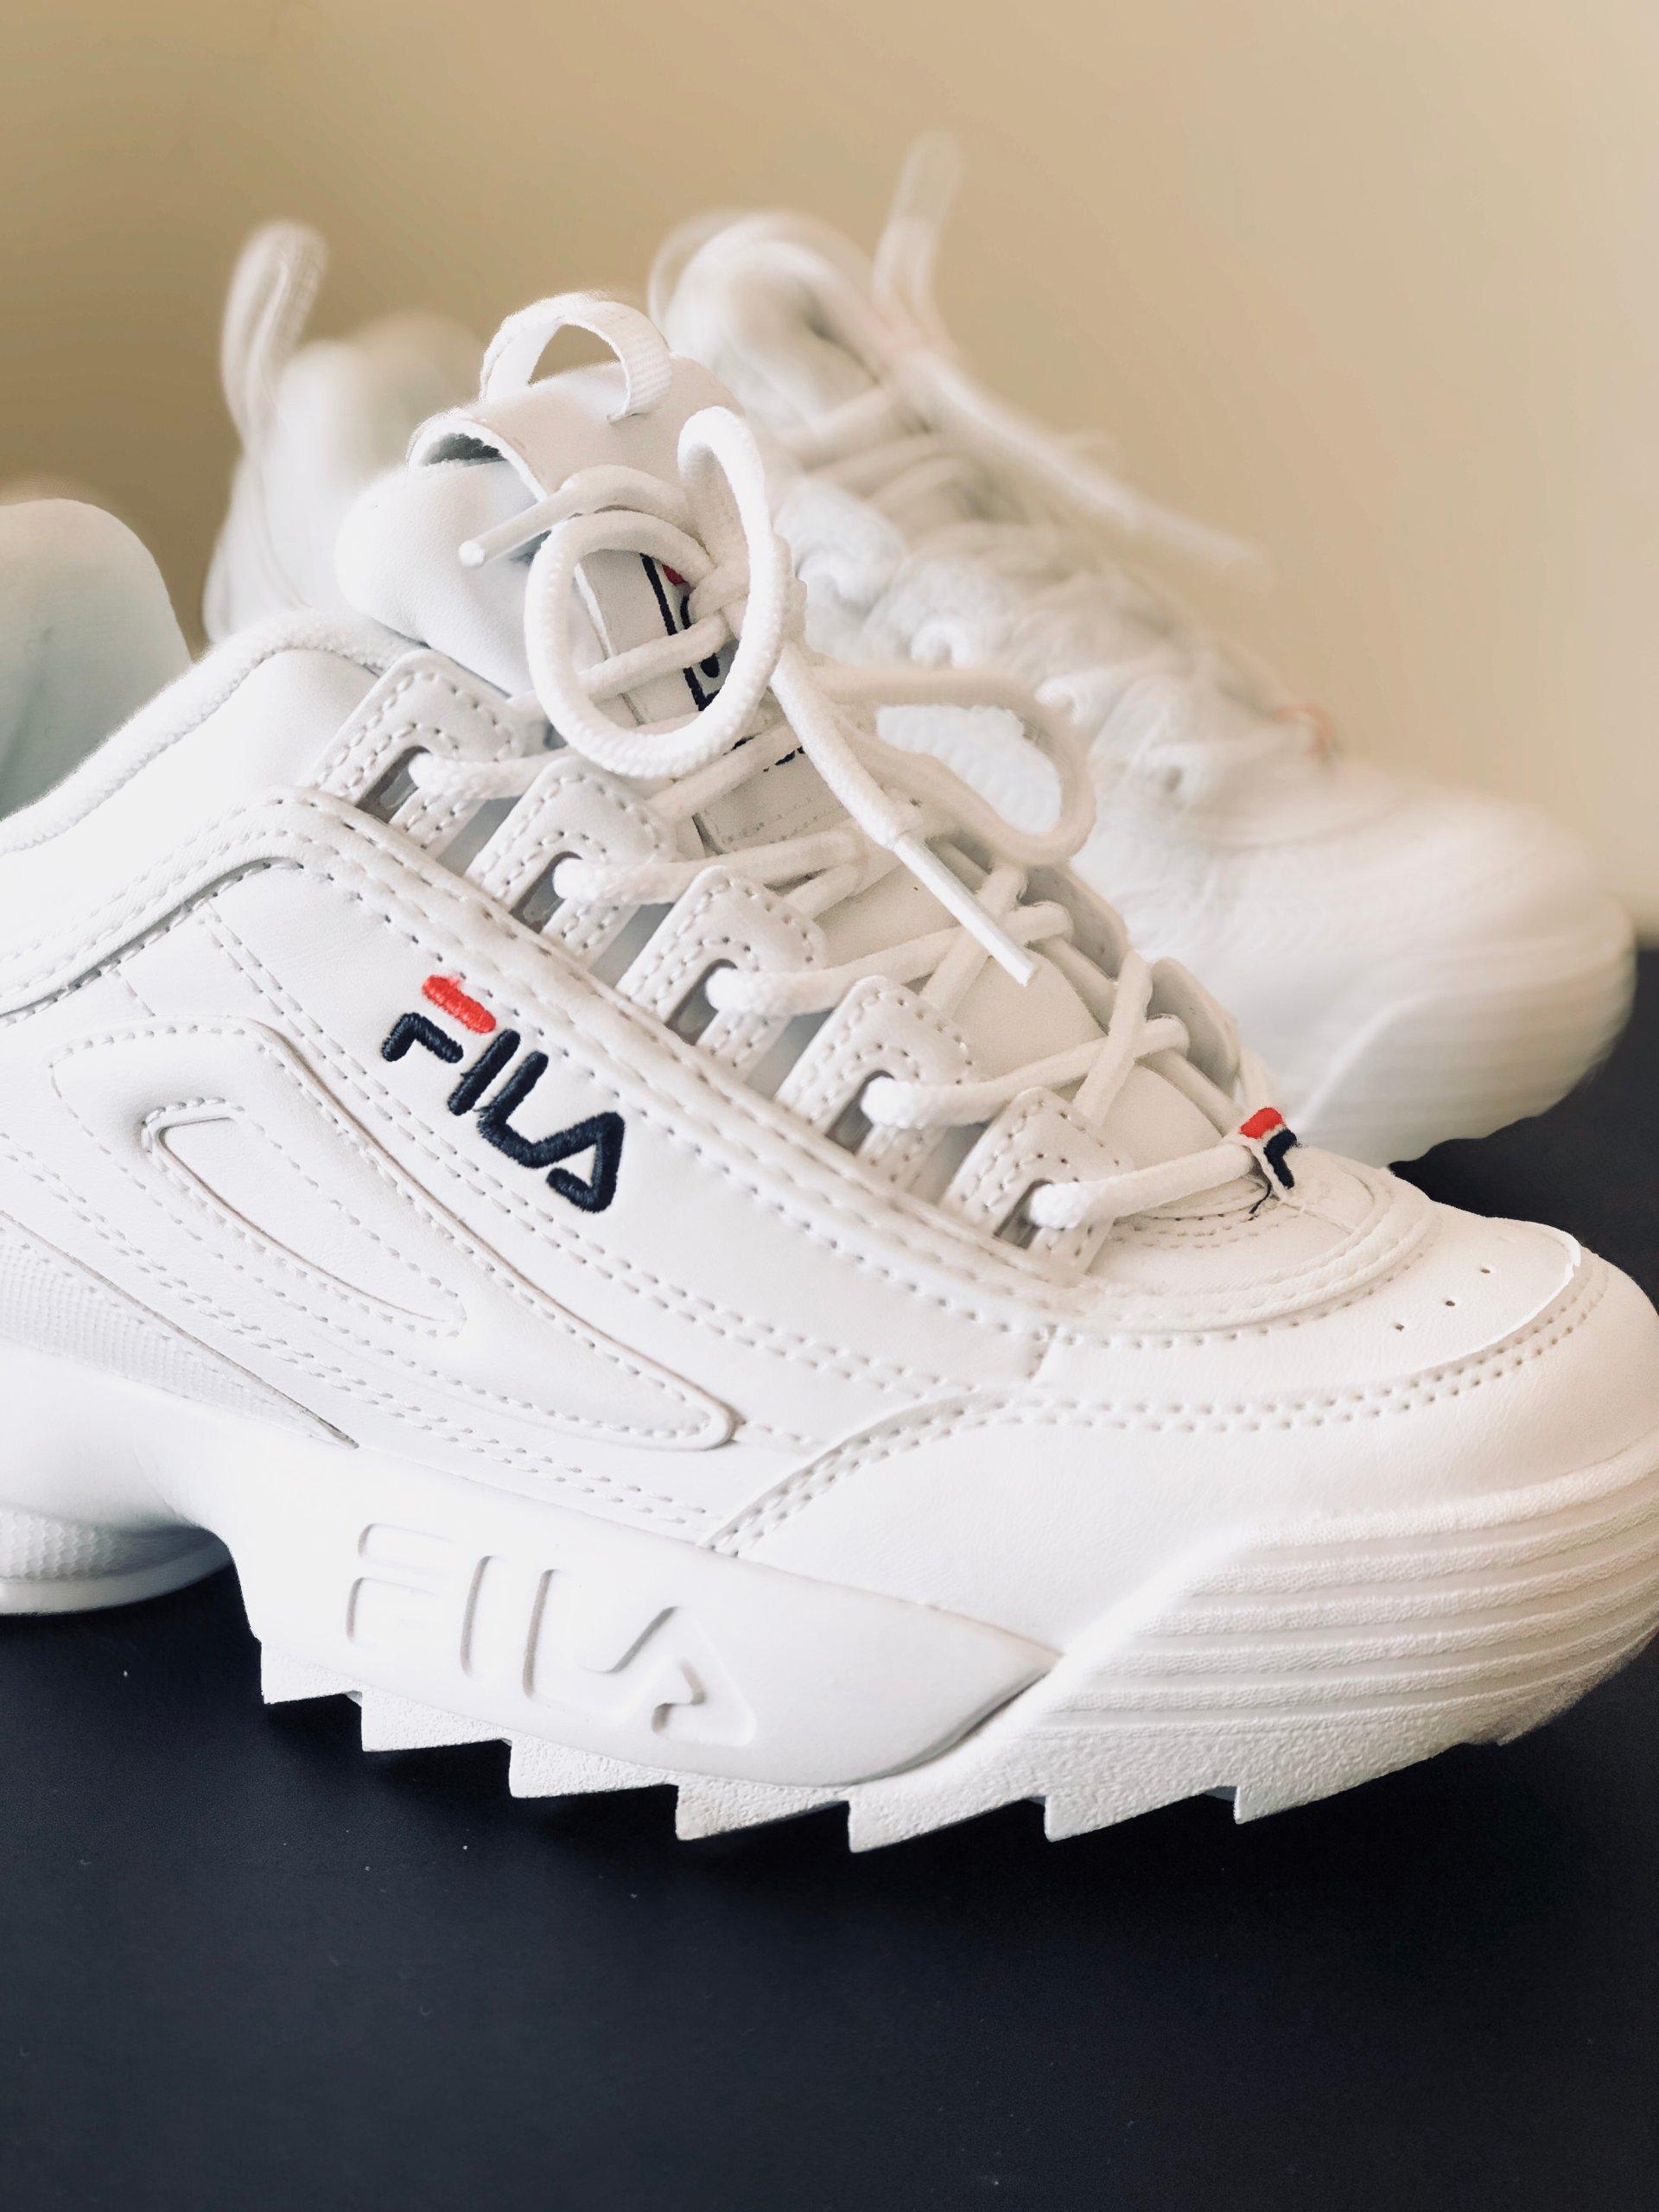 niskie ceny buty na tanie sklep w Wielkiej Brytanii BUTY FILA DISRUPTOR BIAŁE 36 - 7398505971 - oficjalne ...